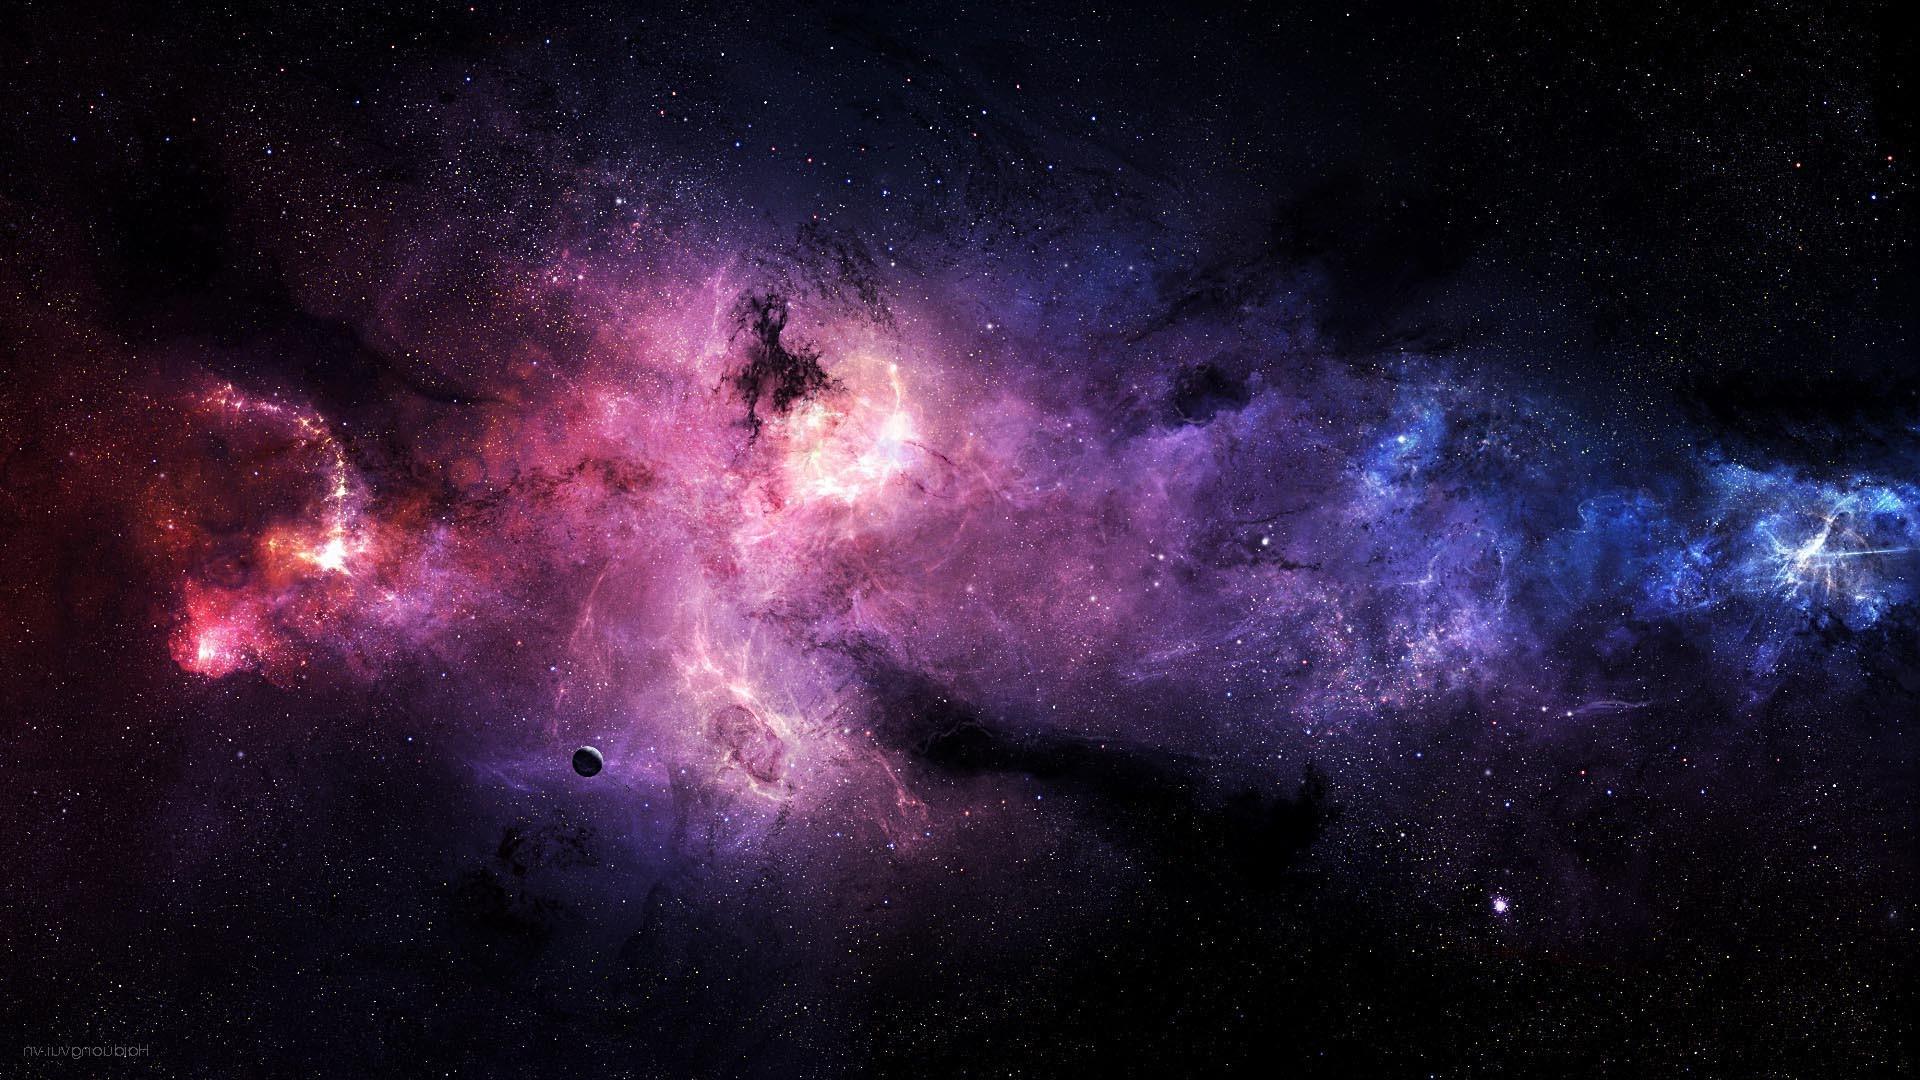 Fond d'écran : art numérique, galaxie, espace, nébuleuse, atmosphère, univers, astronomie ...